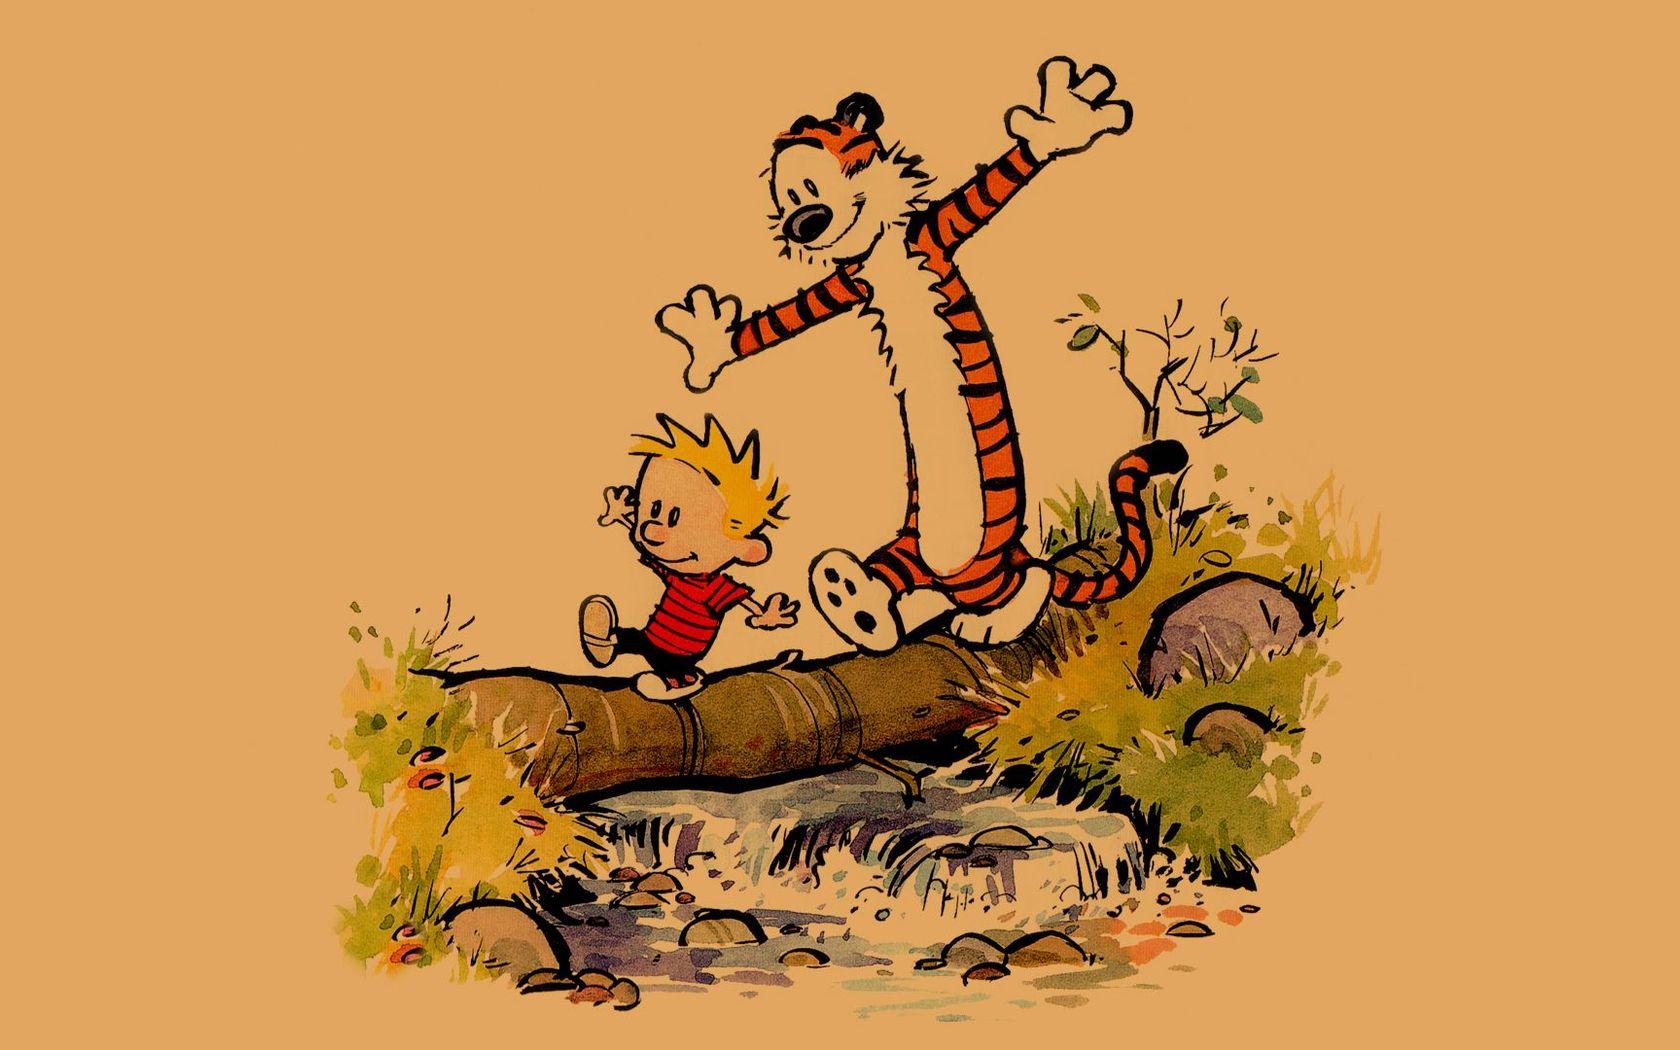 75 Calvin And Hobbes Wallpaper On Wallpapersafari